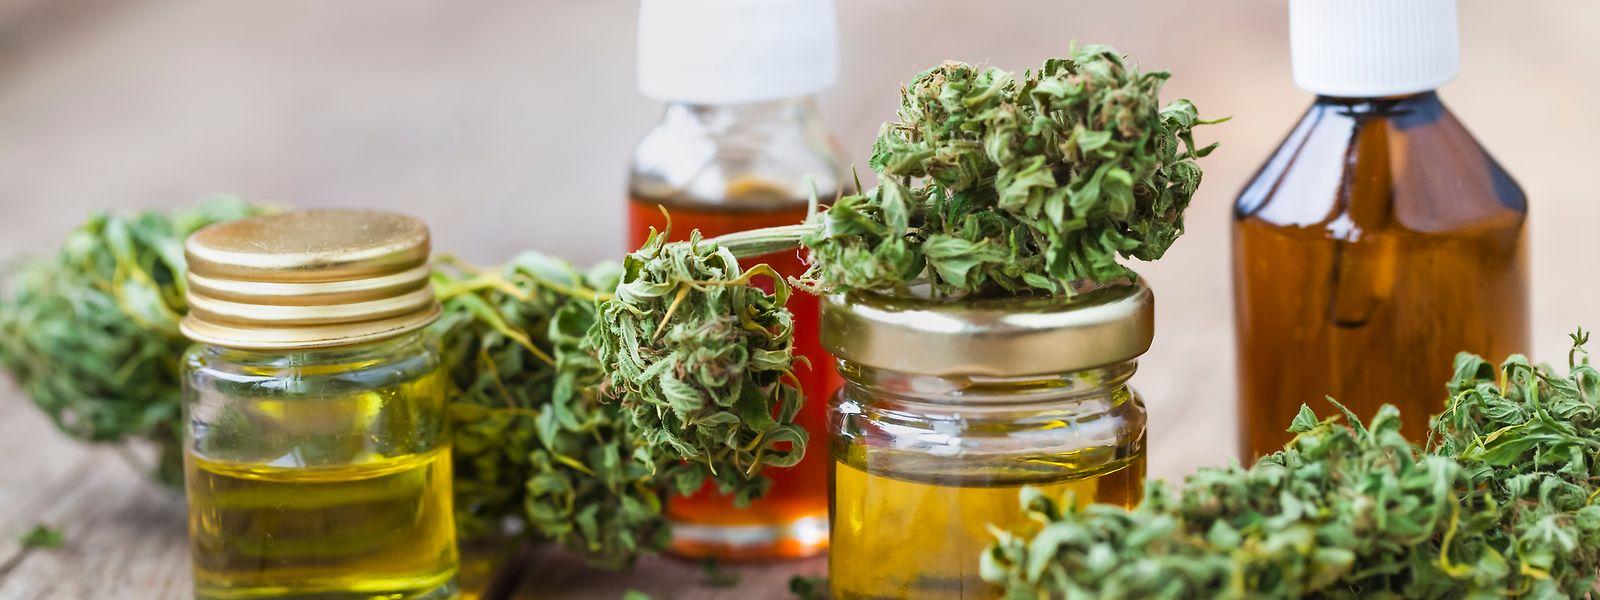 Le cadre légal encadrant la vente de cannabis récréatif avance à petits pas.